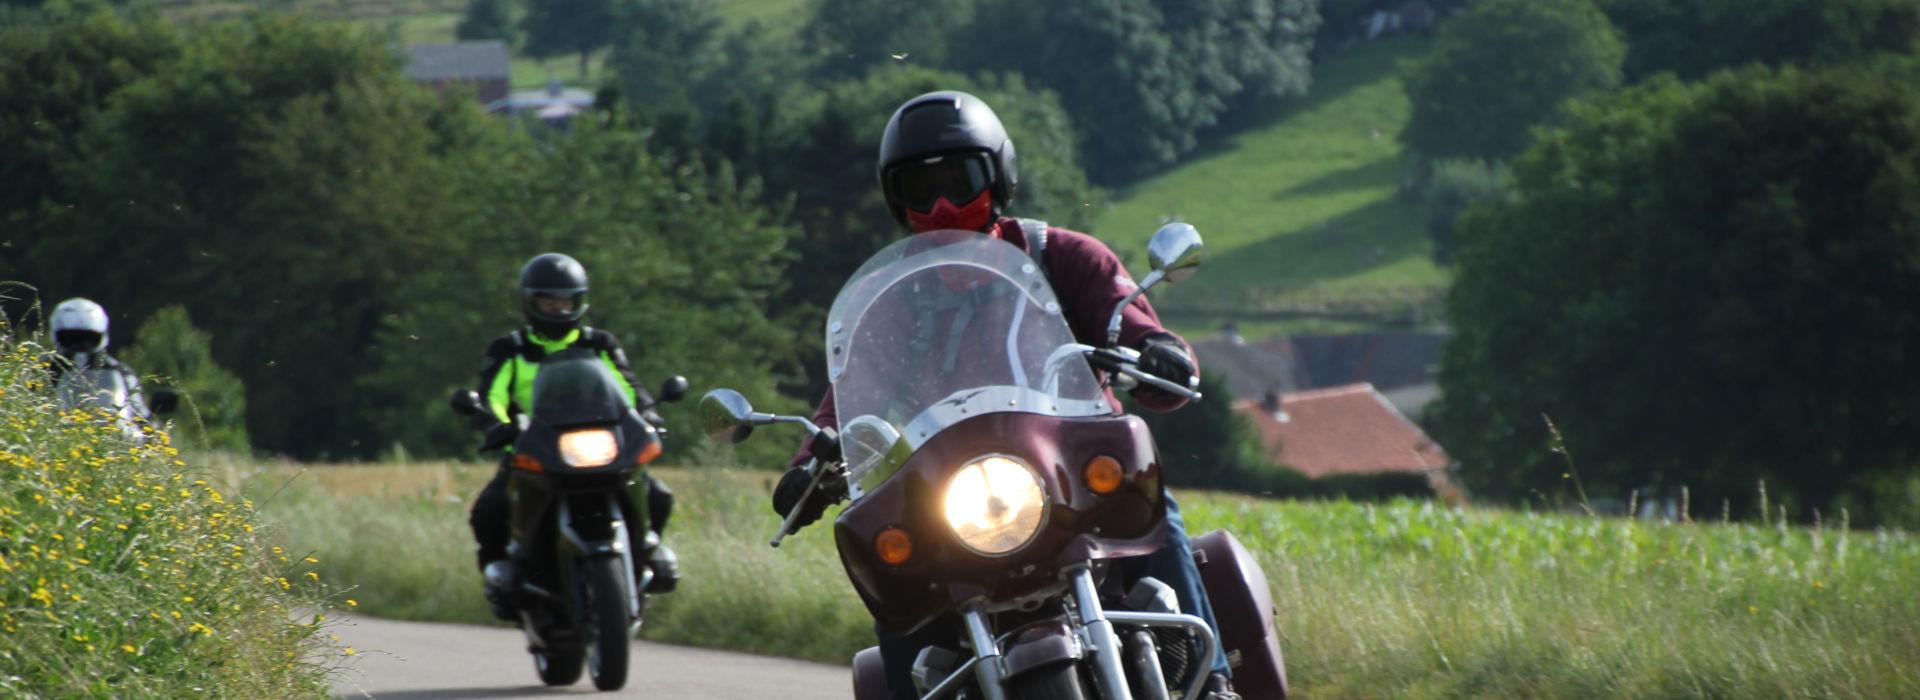 Motorrijbewijspoint Kaatsheuvel spoed motorrijbewijs